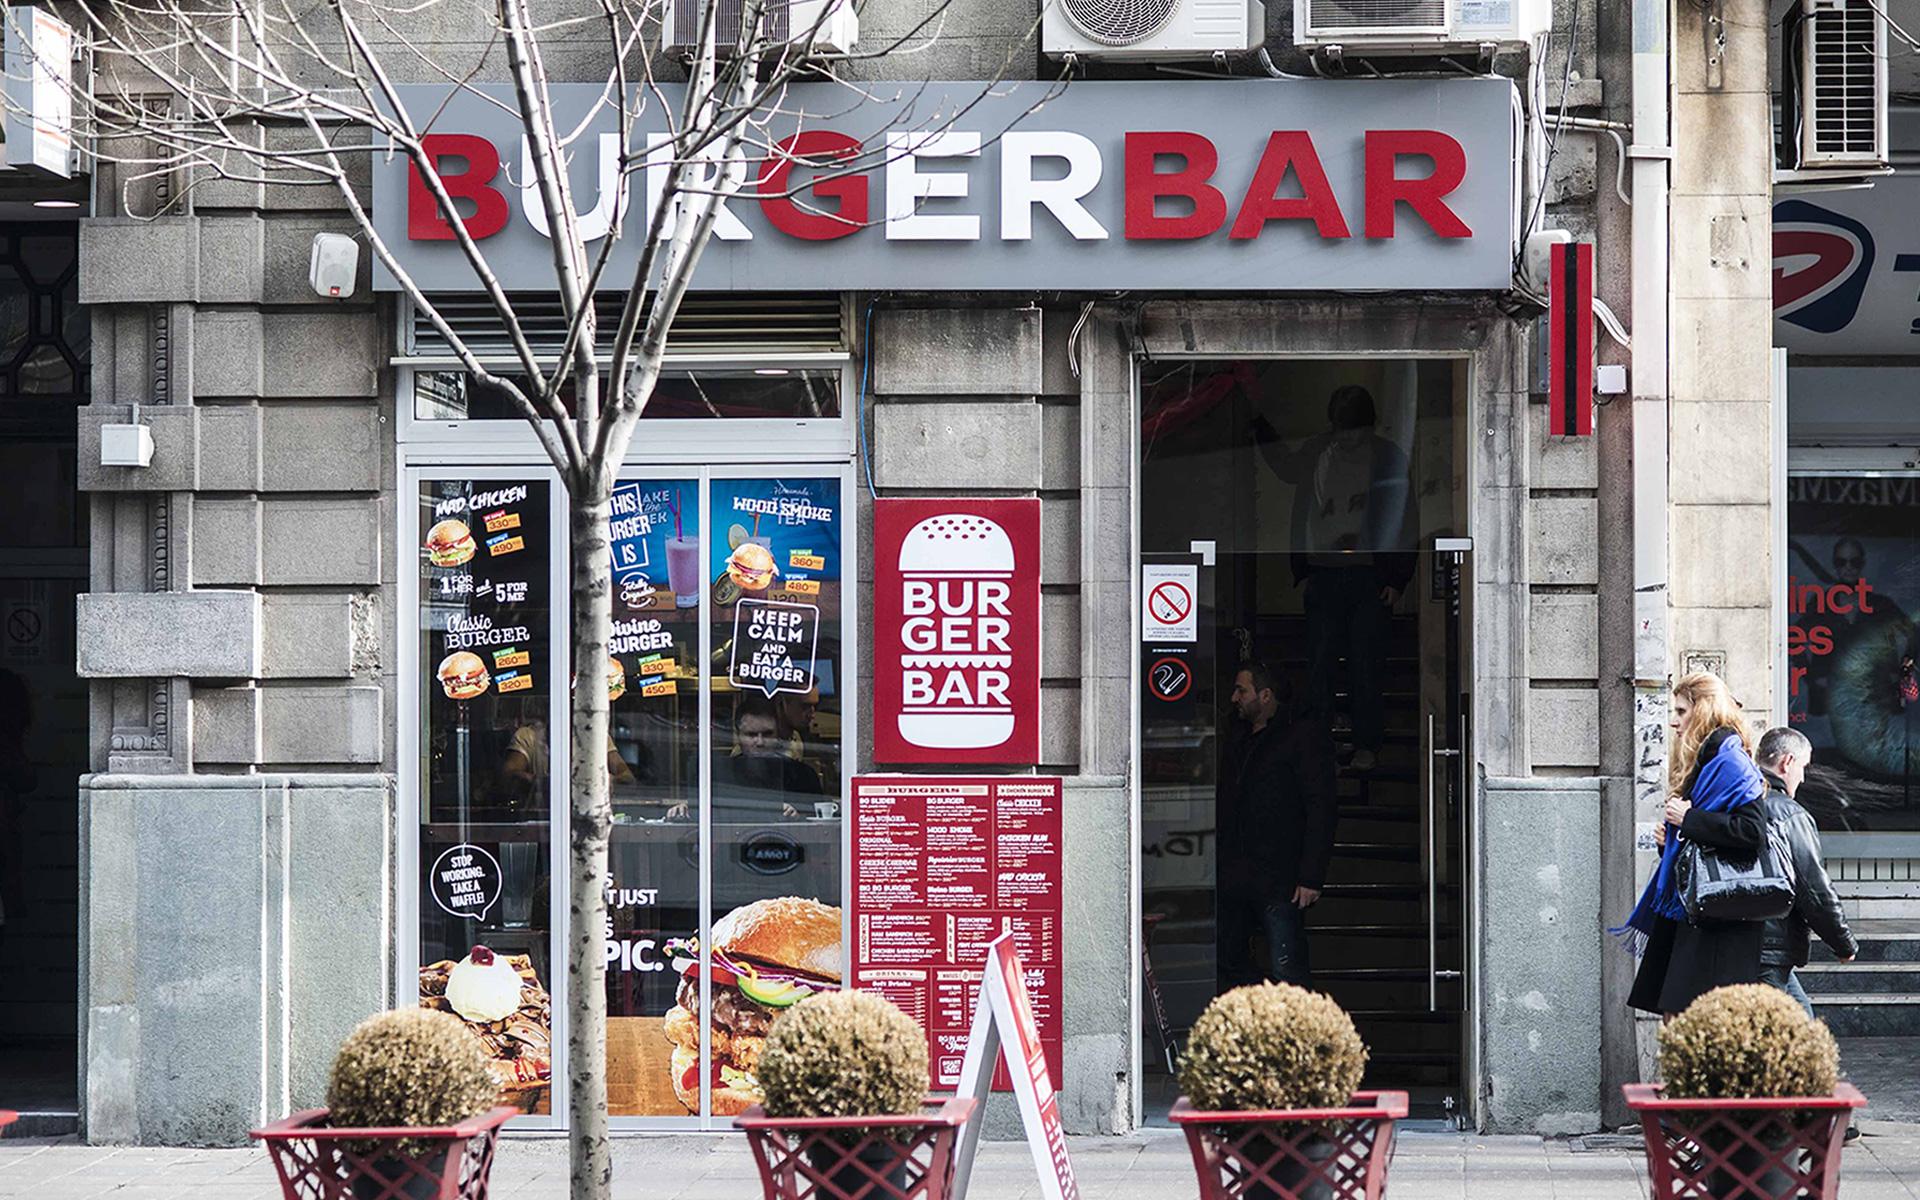 Dizajn i brendiranje izloga i svetleće reklame za restoran BG Burger Bar